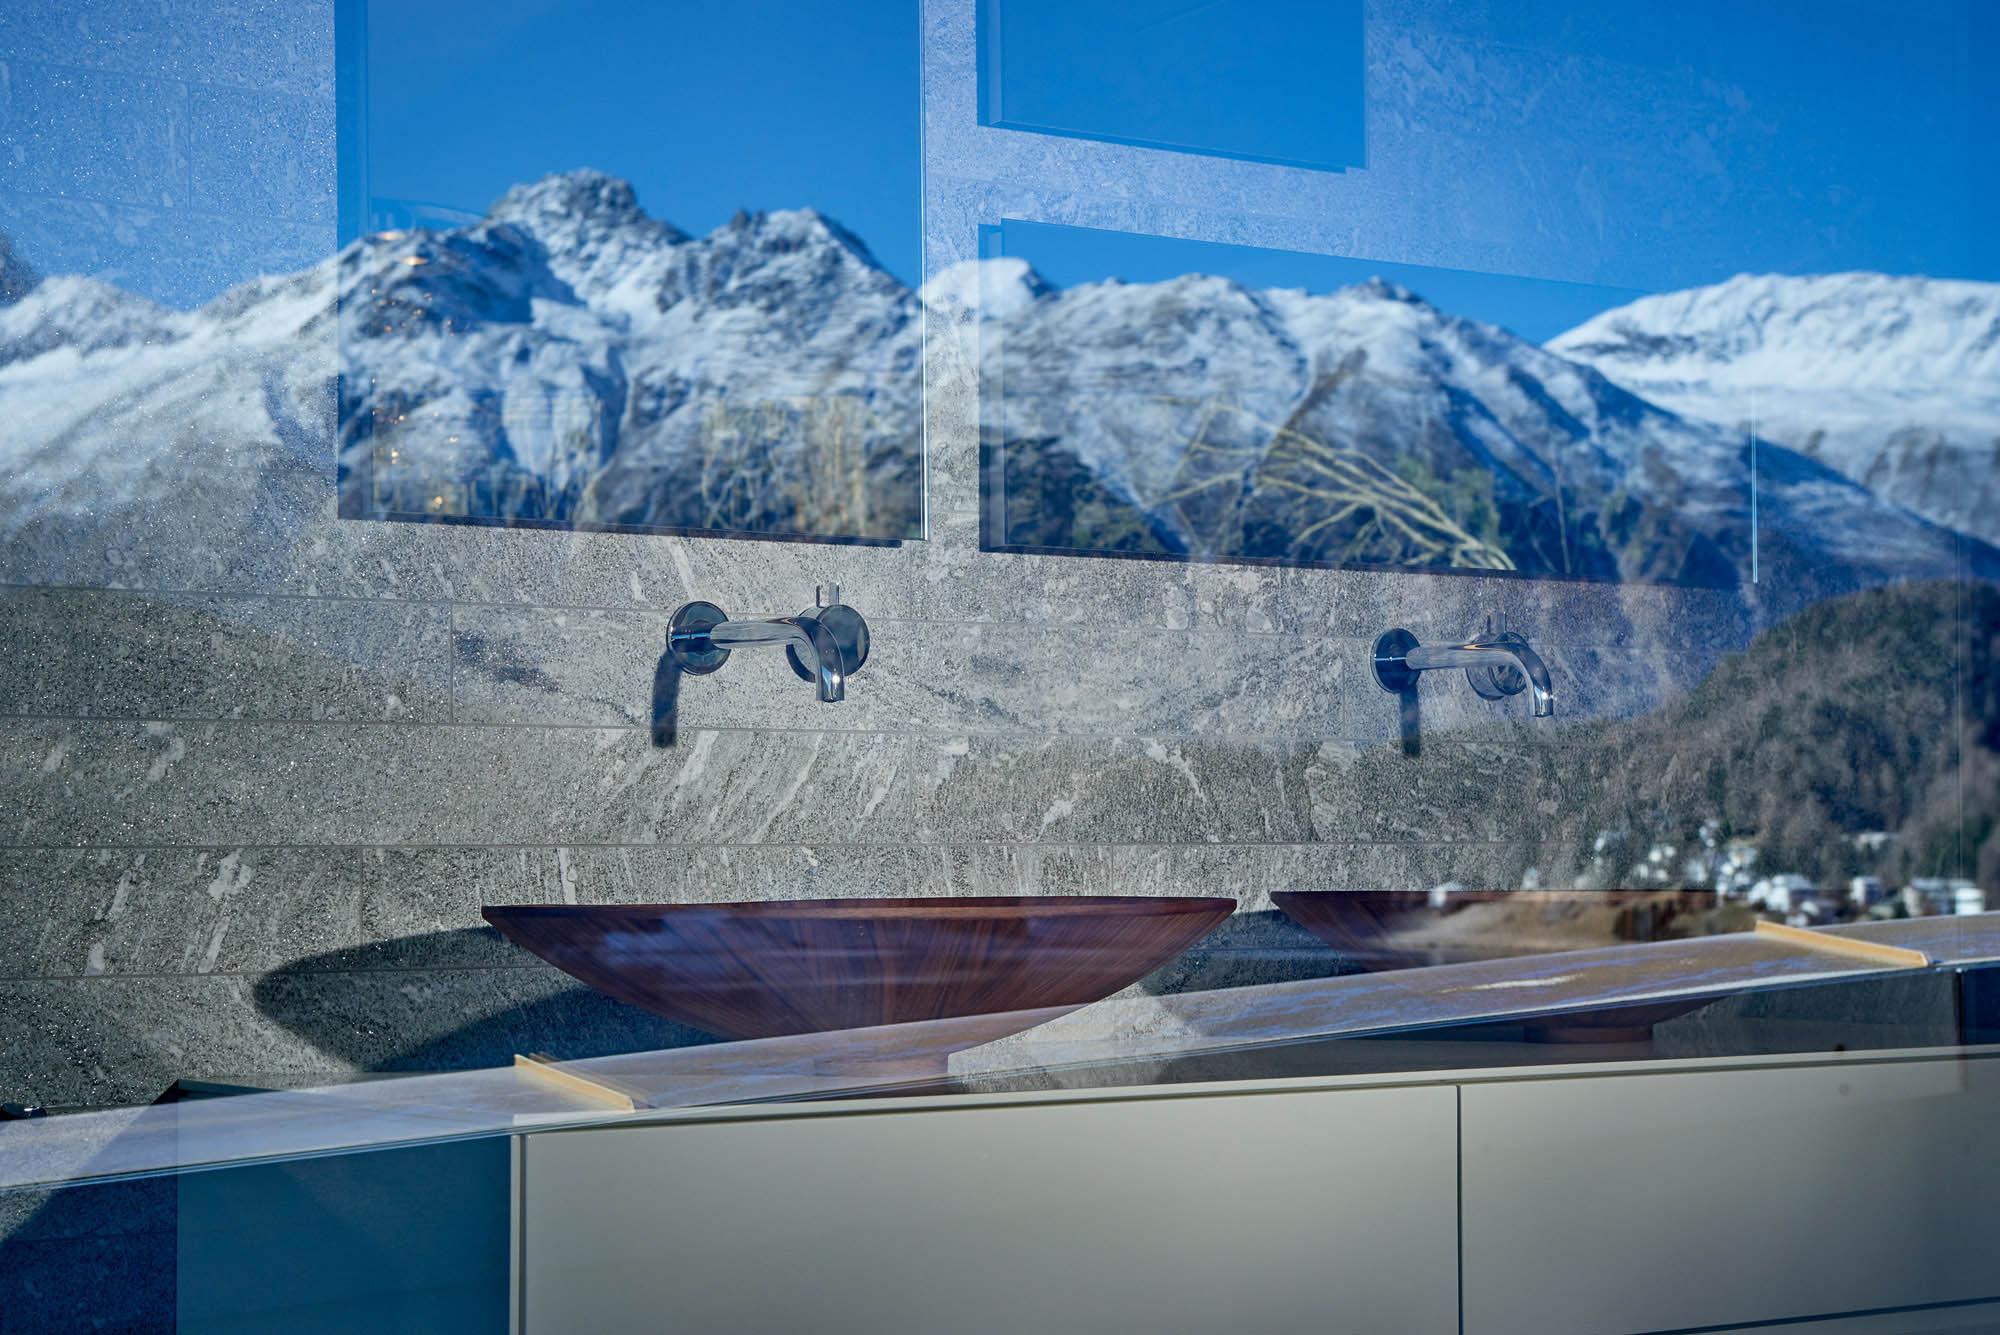 OPC 151127 0126 - Penthouse St. Moritz: Frisch eingerichtet, frisch abgelichtet